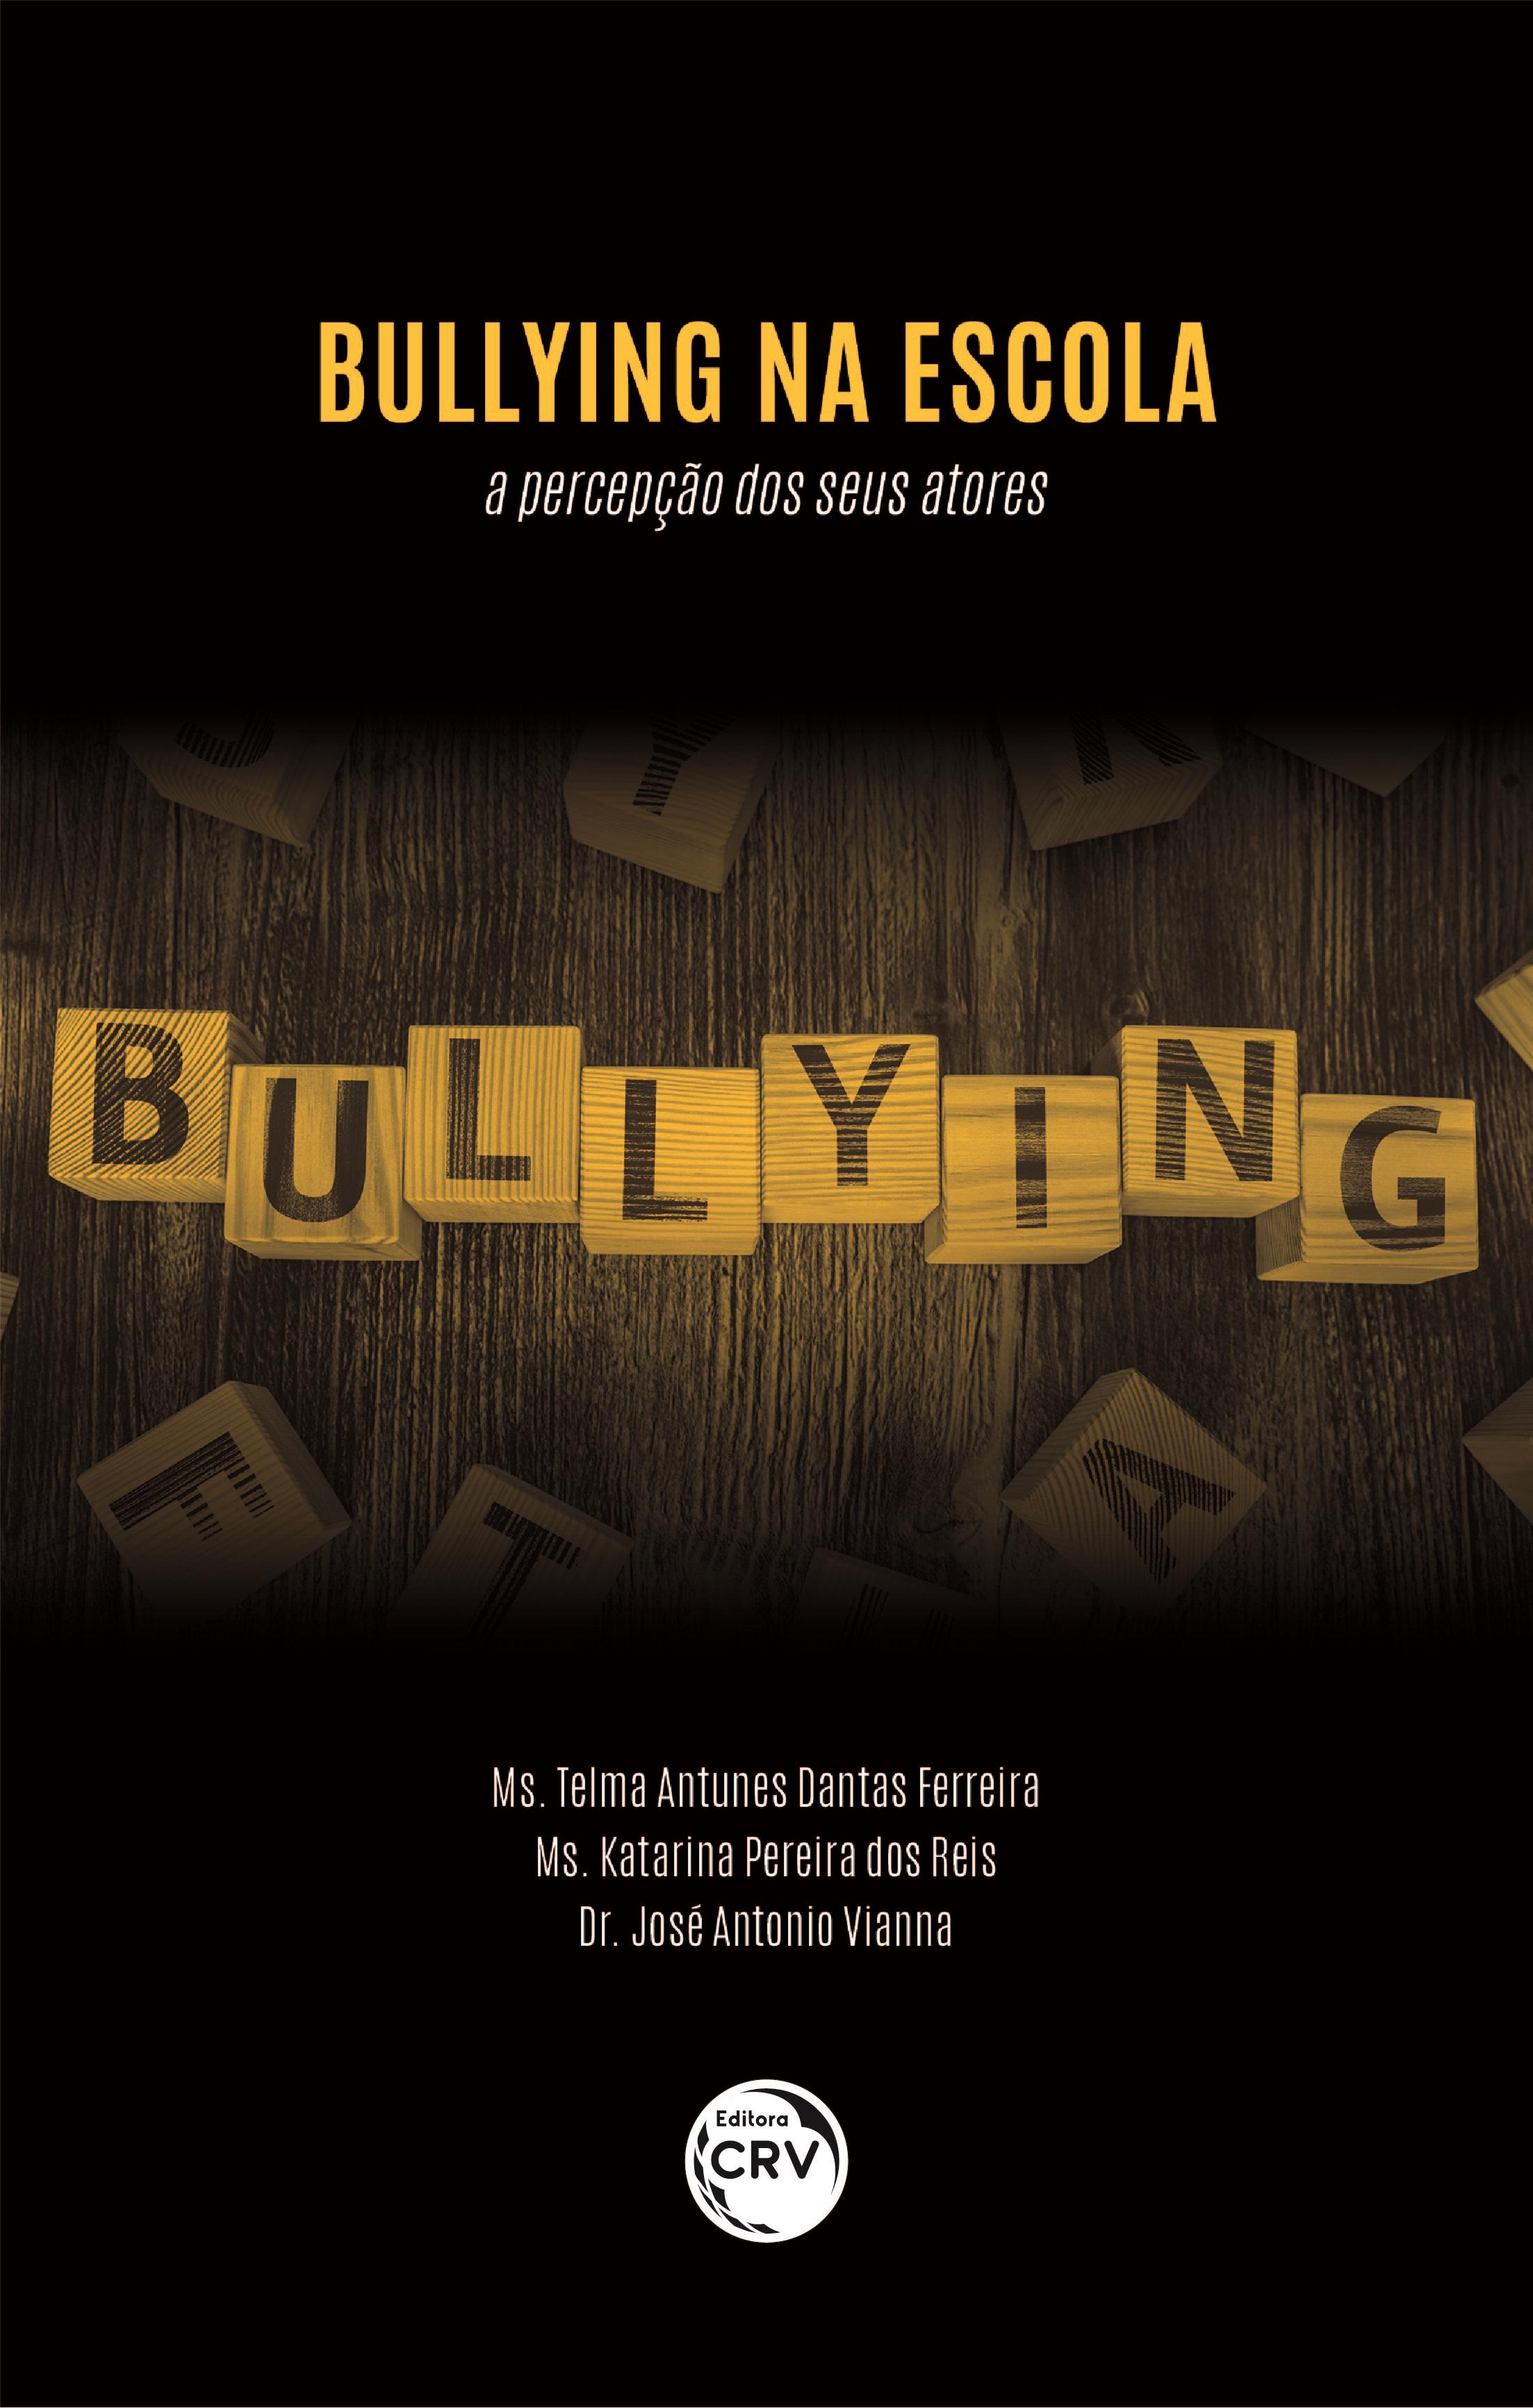 Capa do livro: BULLYING NA ESCOLA: <br>a percepção dos seus atores